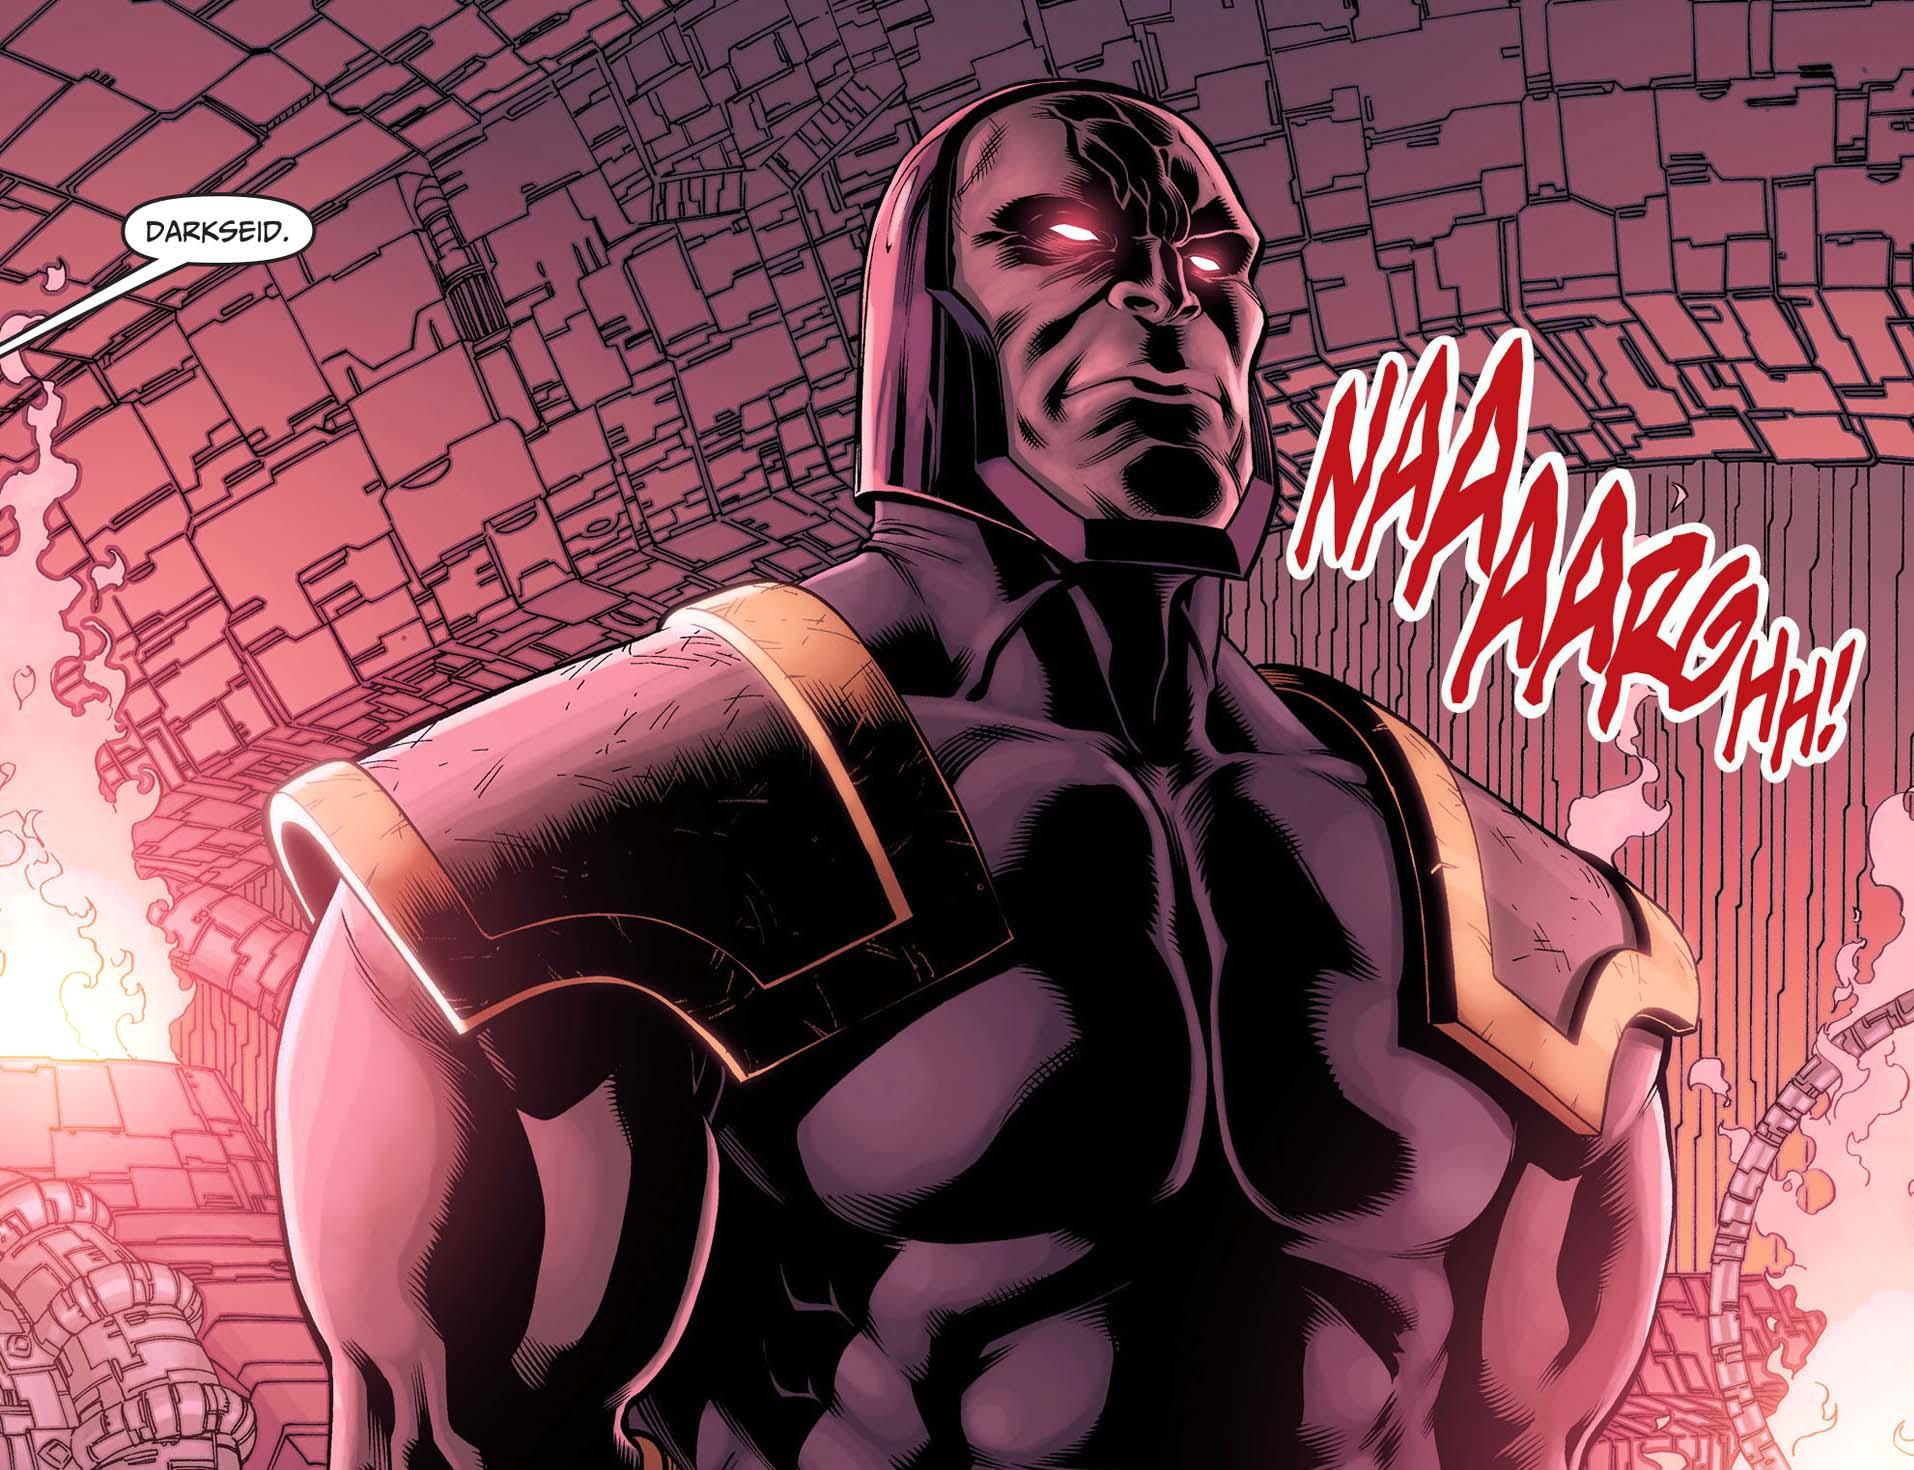 darkseid (injustice)